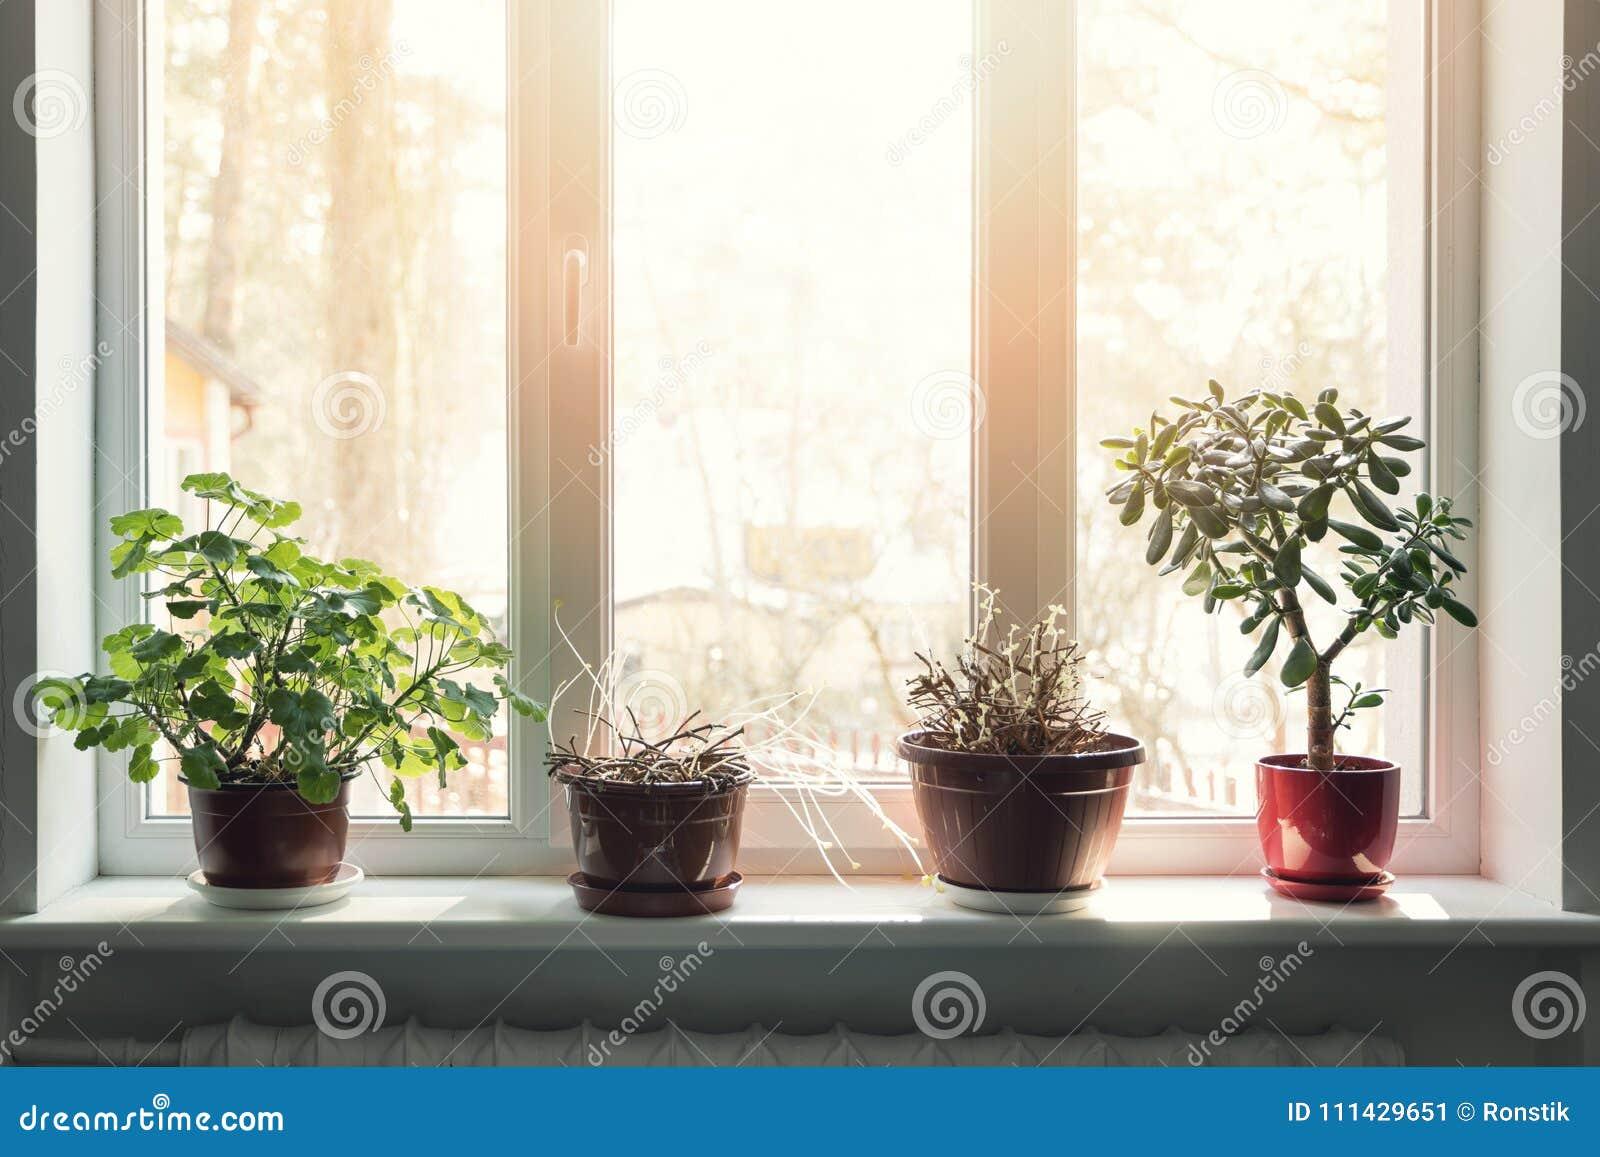 Davanzale Interno Della Finestra piante d'appartamento in vasi sul davanzale soleggiato della